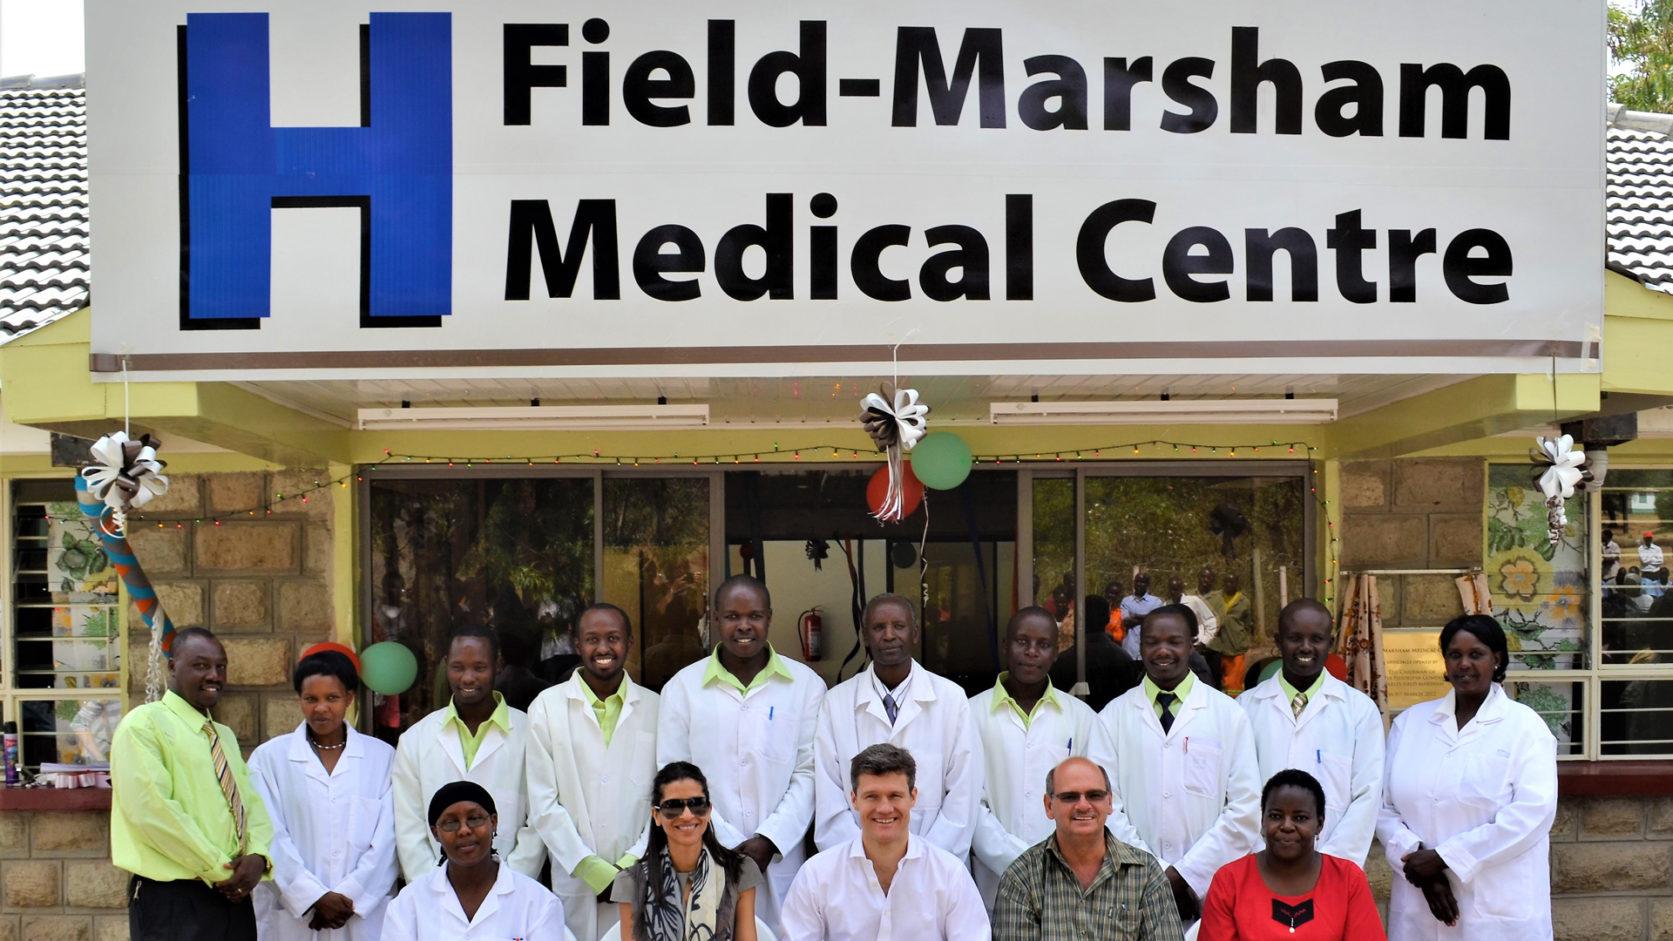 Field-Marsham Medical Centre